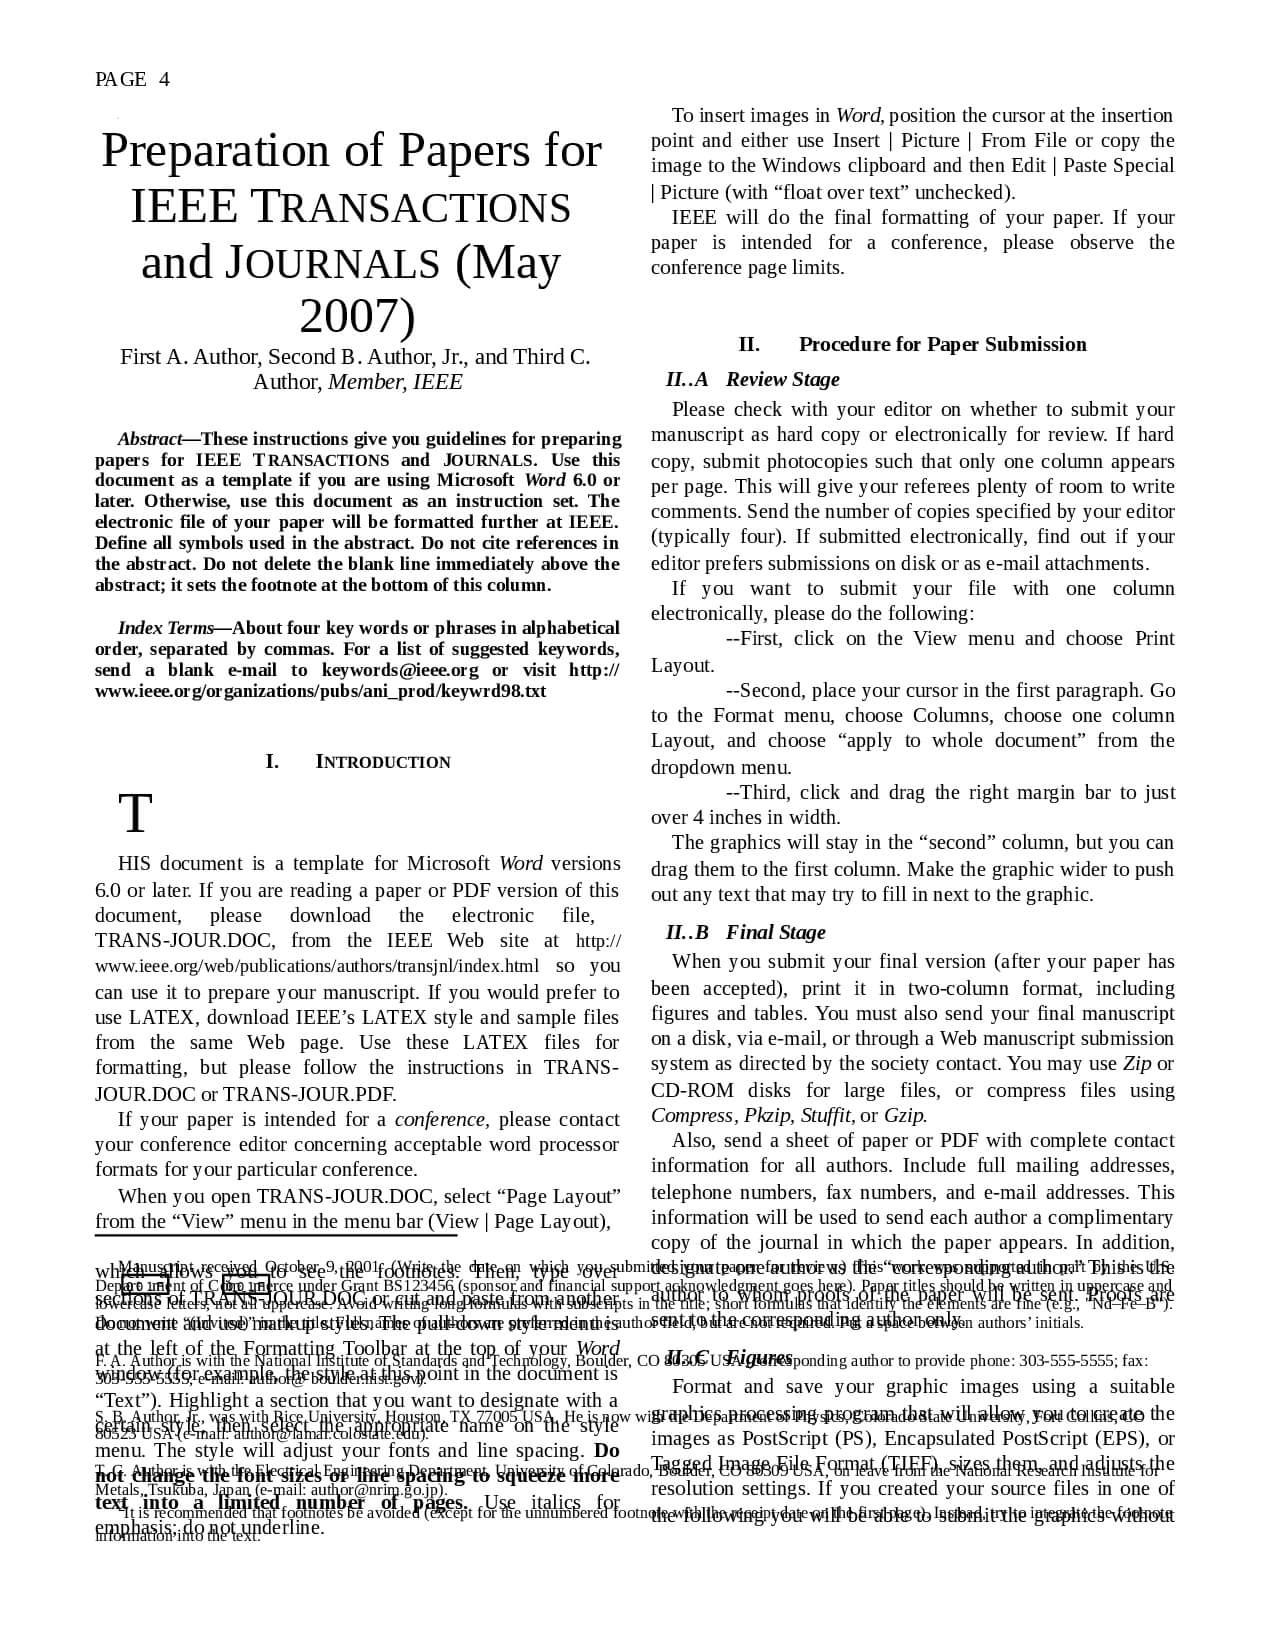 Exemplo De Artigo Ieee - Docsity intended for Ieee Template Word 2007